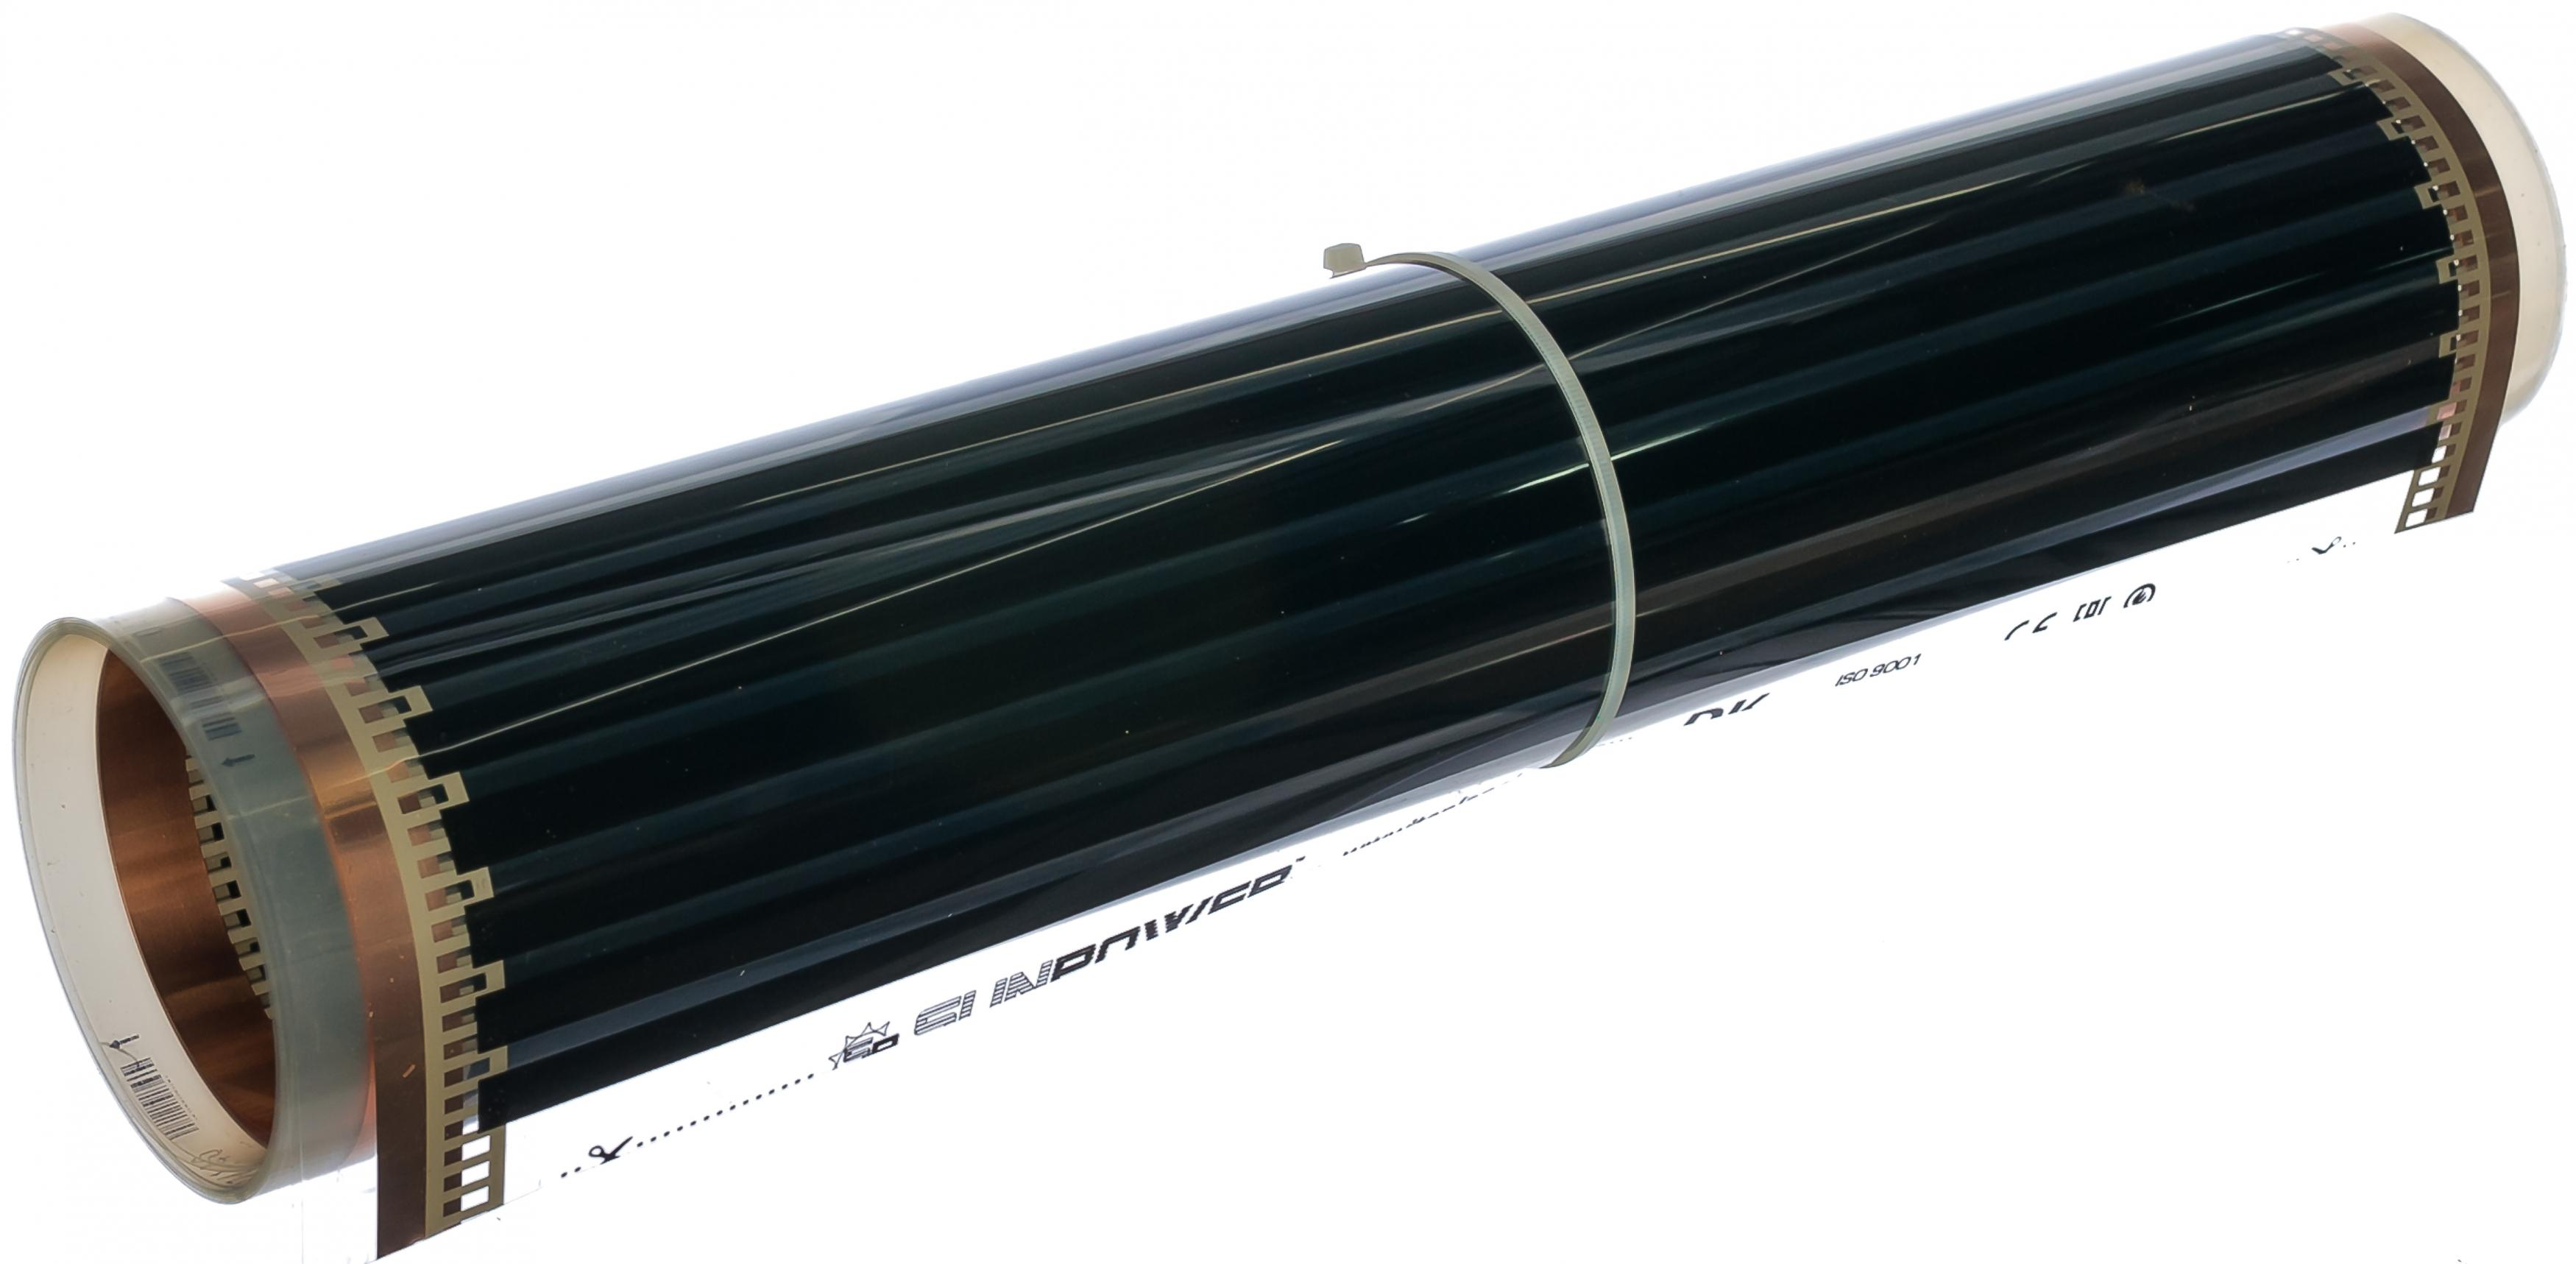 цена на Теплый пол Sun power Spf 50-180-2